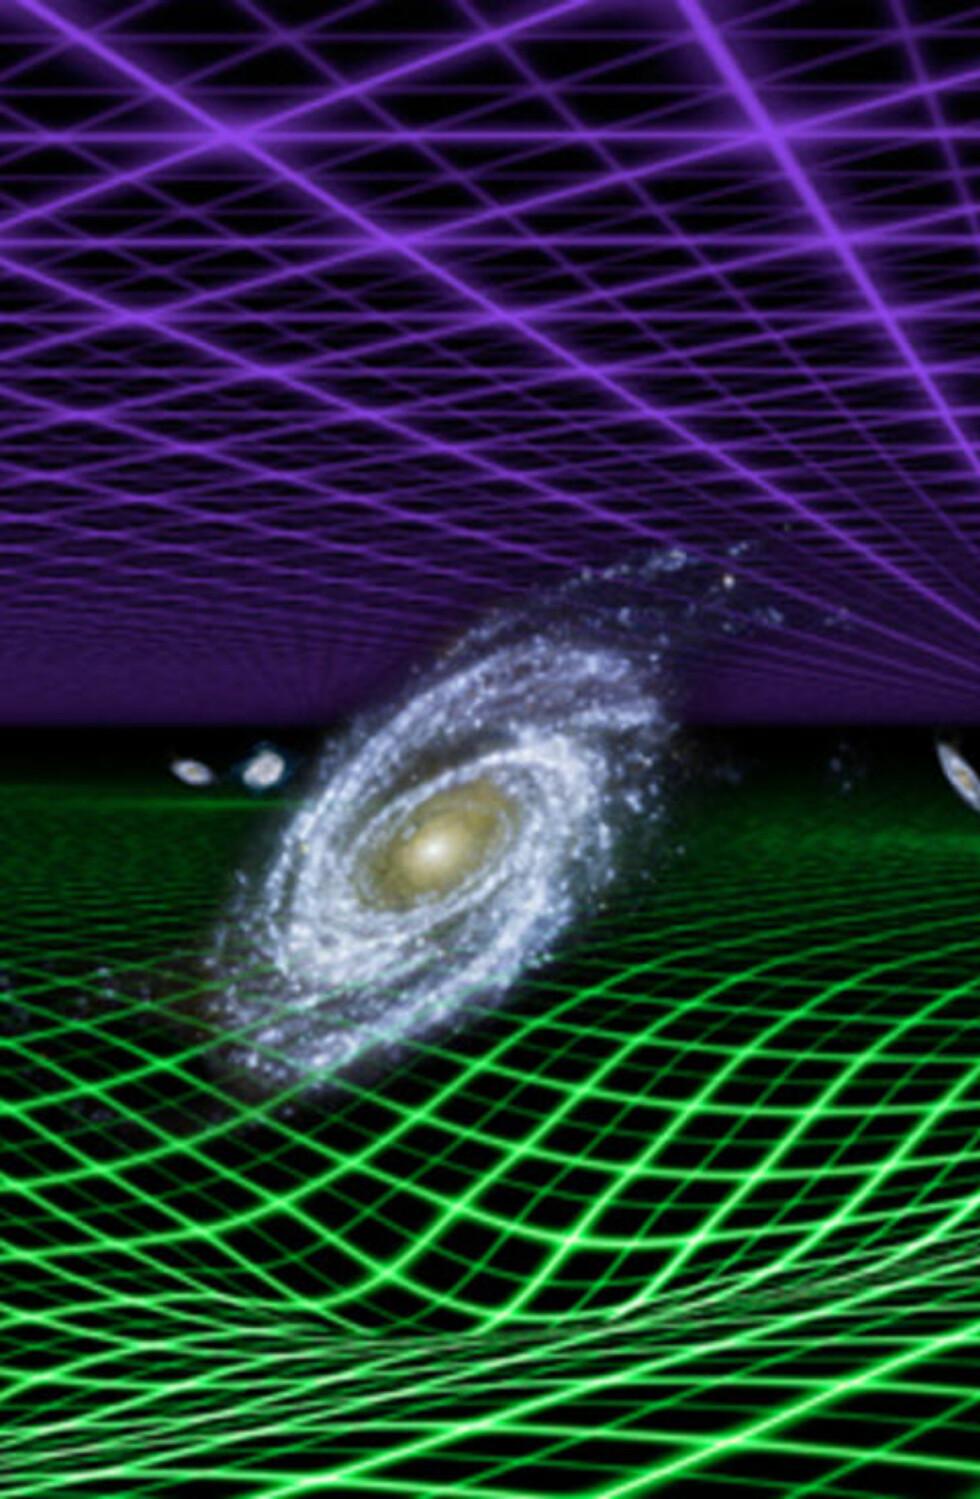 MØRKT OG MYSTISK: Det er mye forskere veit om universet, men enda mer er helt ukjent. Den såkalte mørke energien, som utgjør 70 prosent av innholdet i universet, er et av de største mysteriene. Prosjektet WiggleZ har kommet med viktige bidrag i løpet av året, noe som gir det en vel fortjent sjuendeplass. Grafikk: NASA/JPL-Caltech